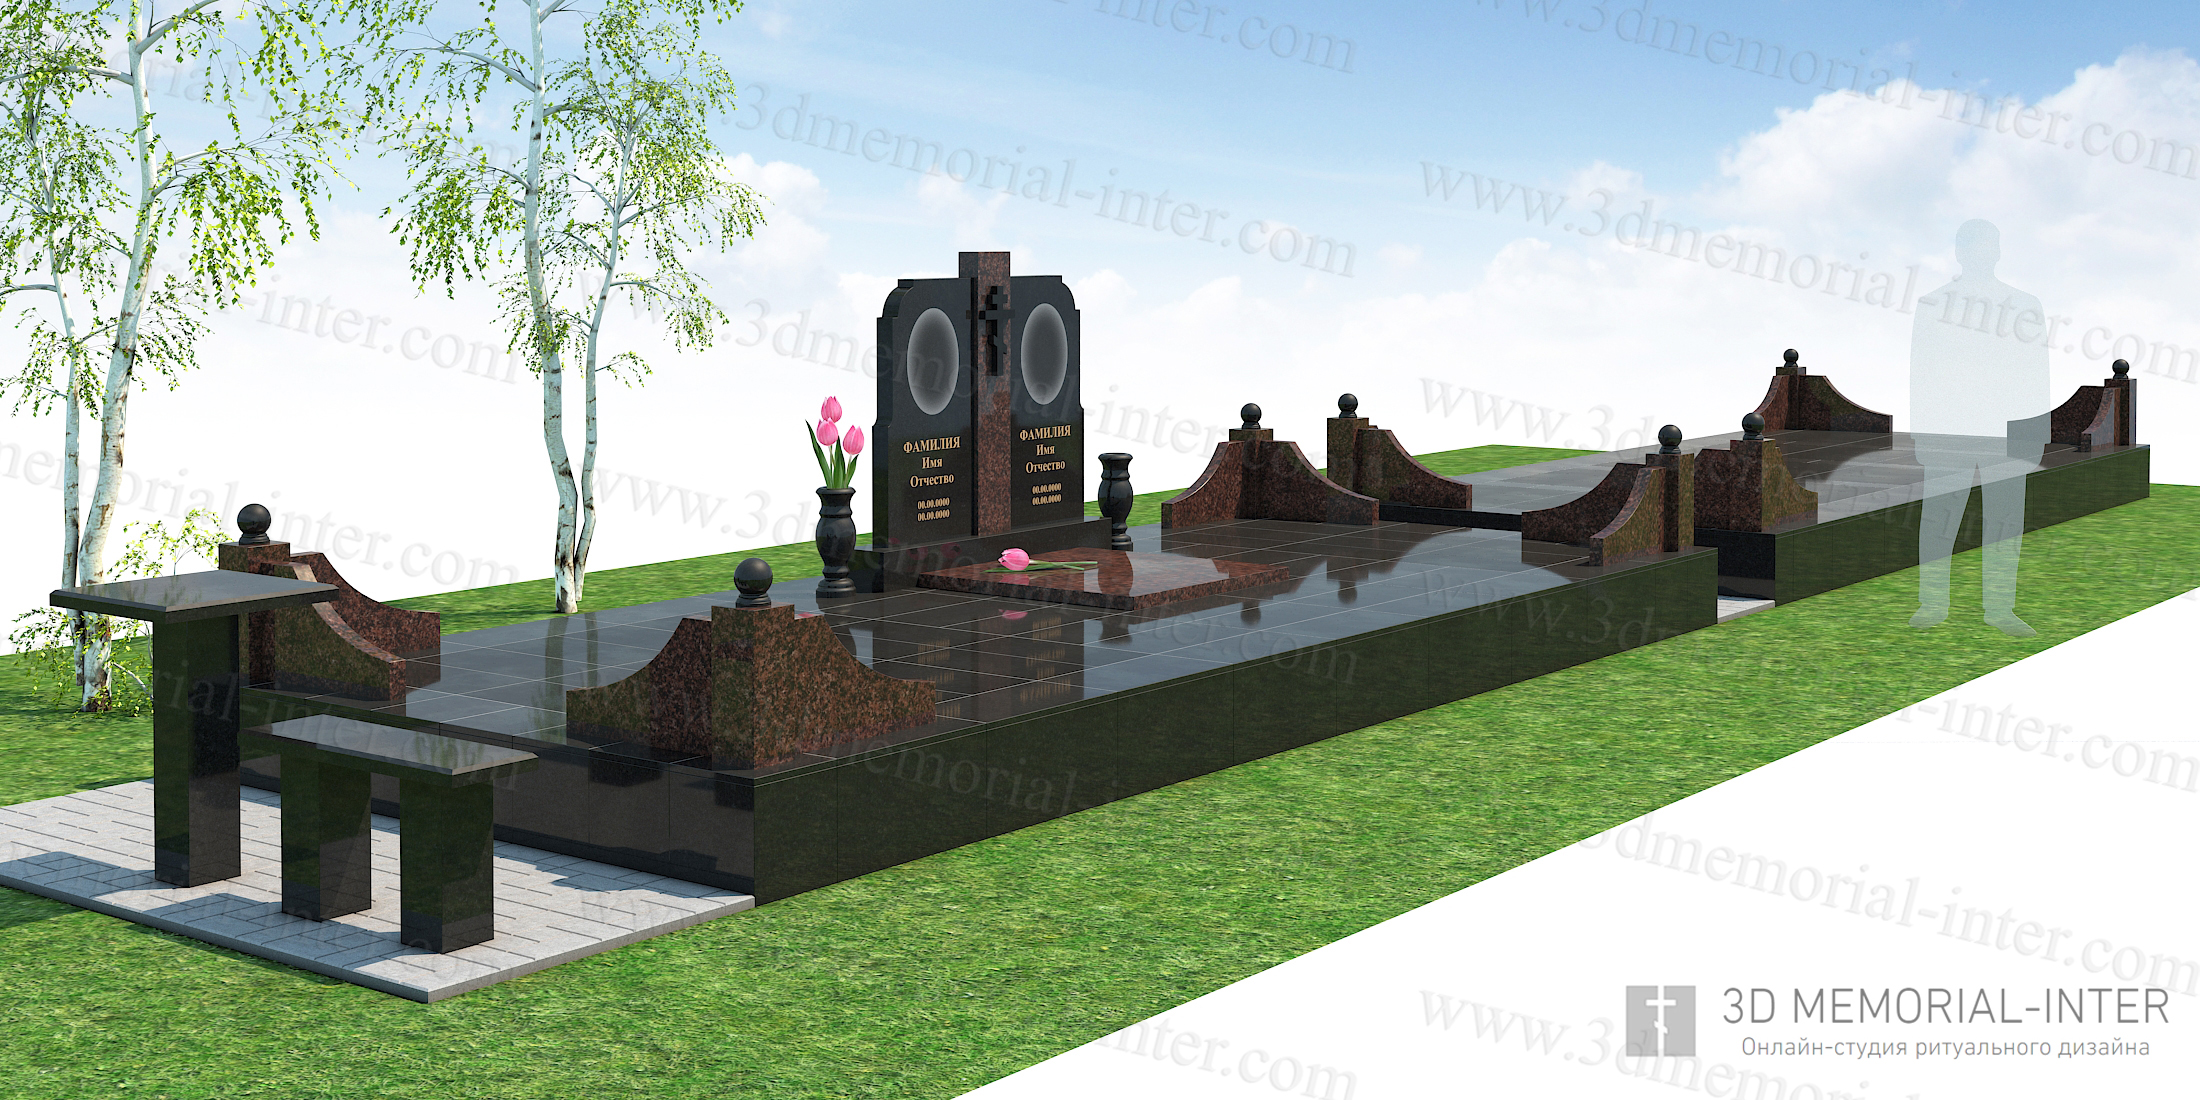 Дизайн ритуального мемориала